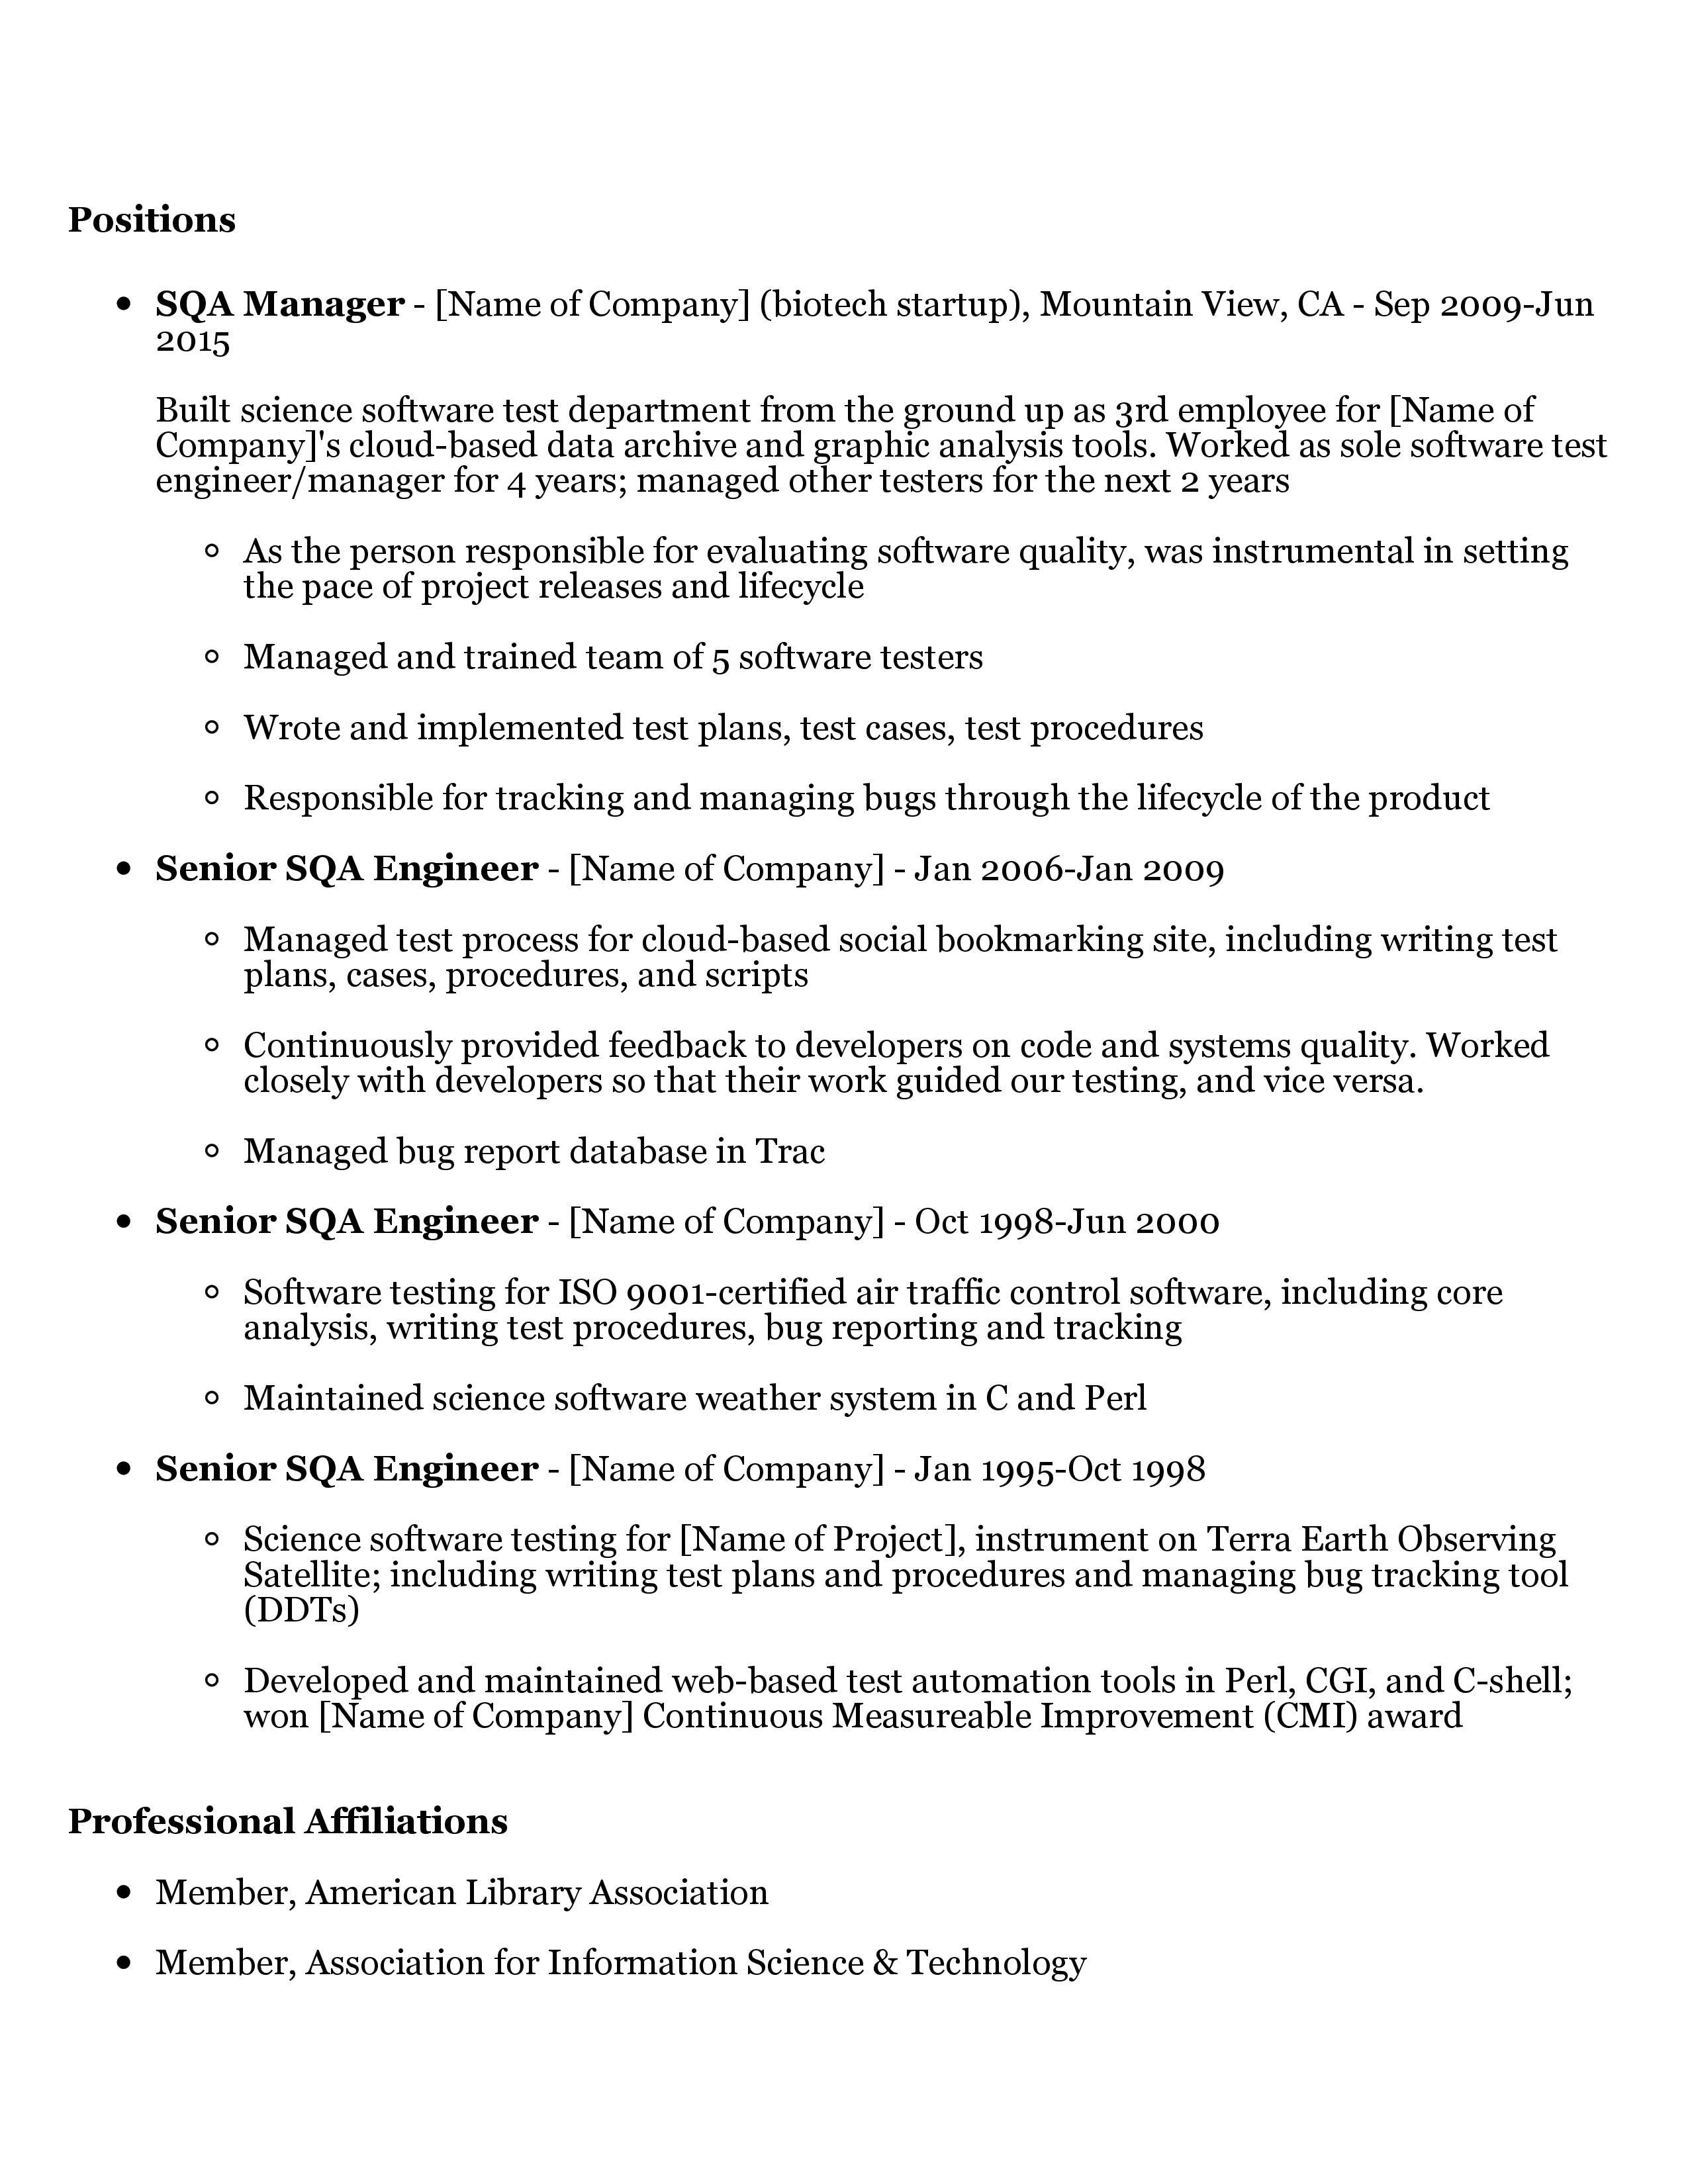 resumecom reviews 2006 resumecom review